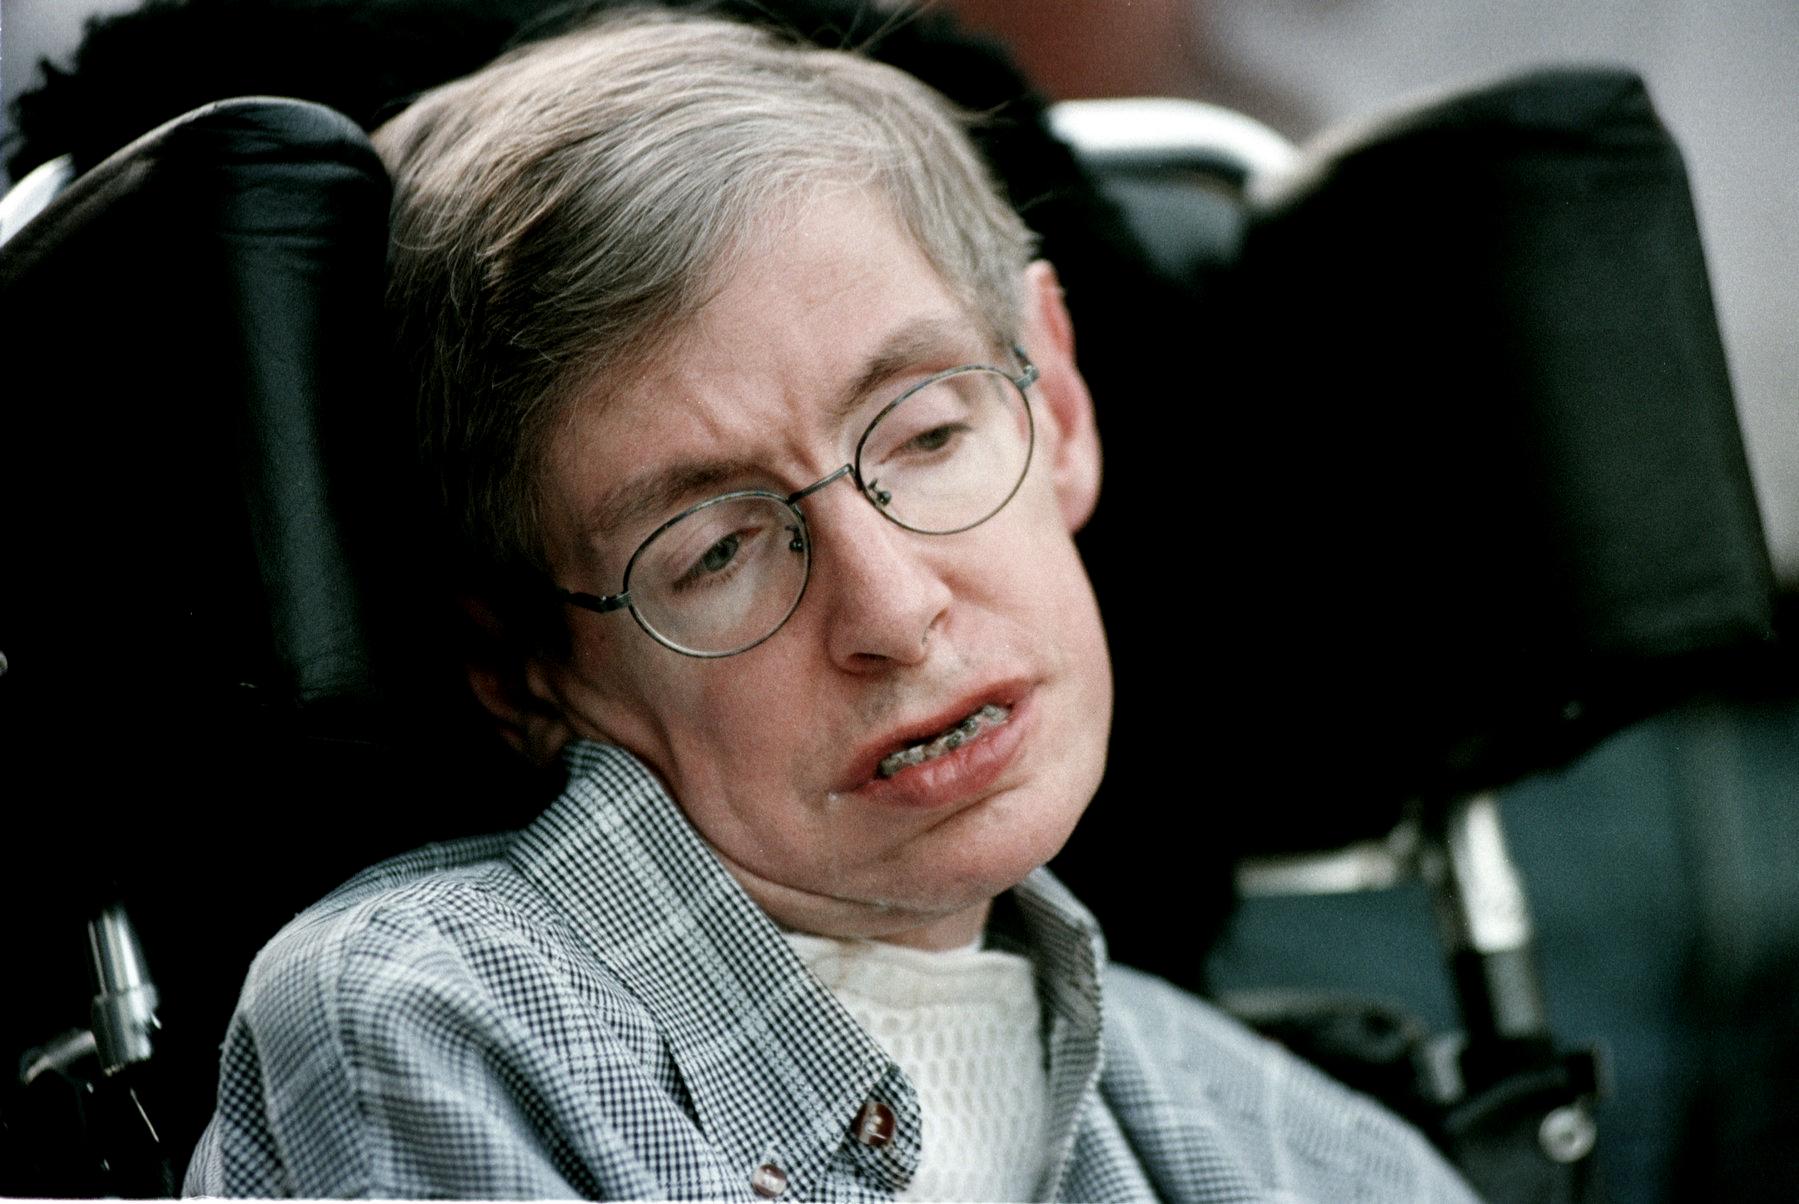 Poslední vzkaz Stephena Hawkinga: Vznikne rasa superlidí, která nás zničí